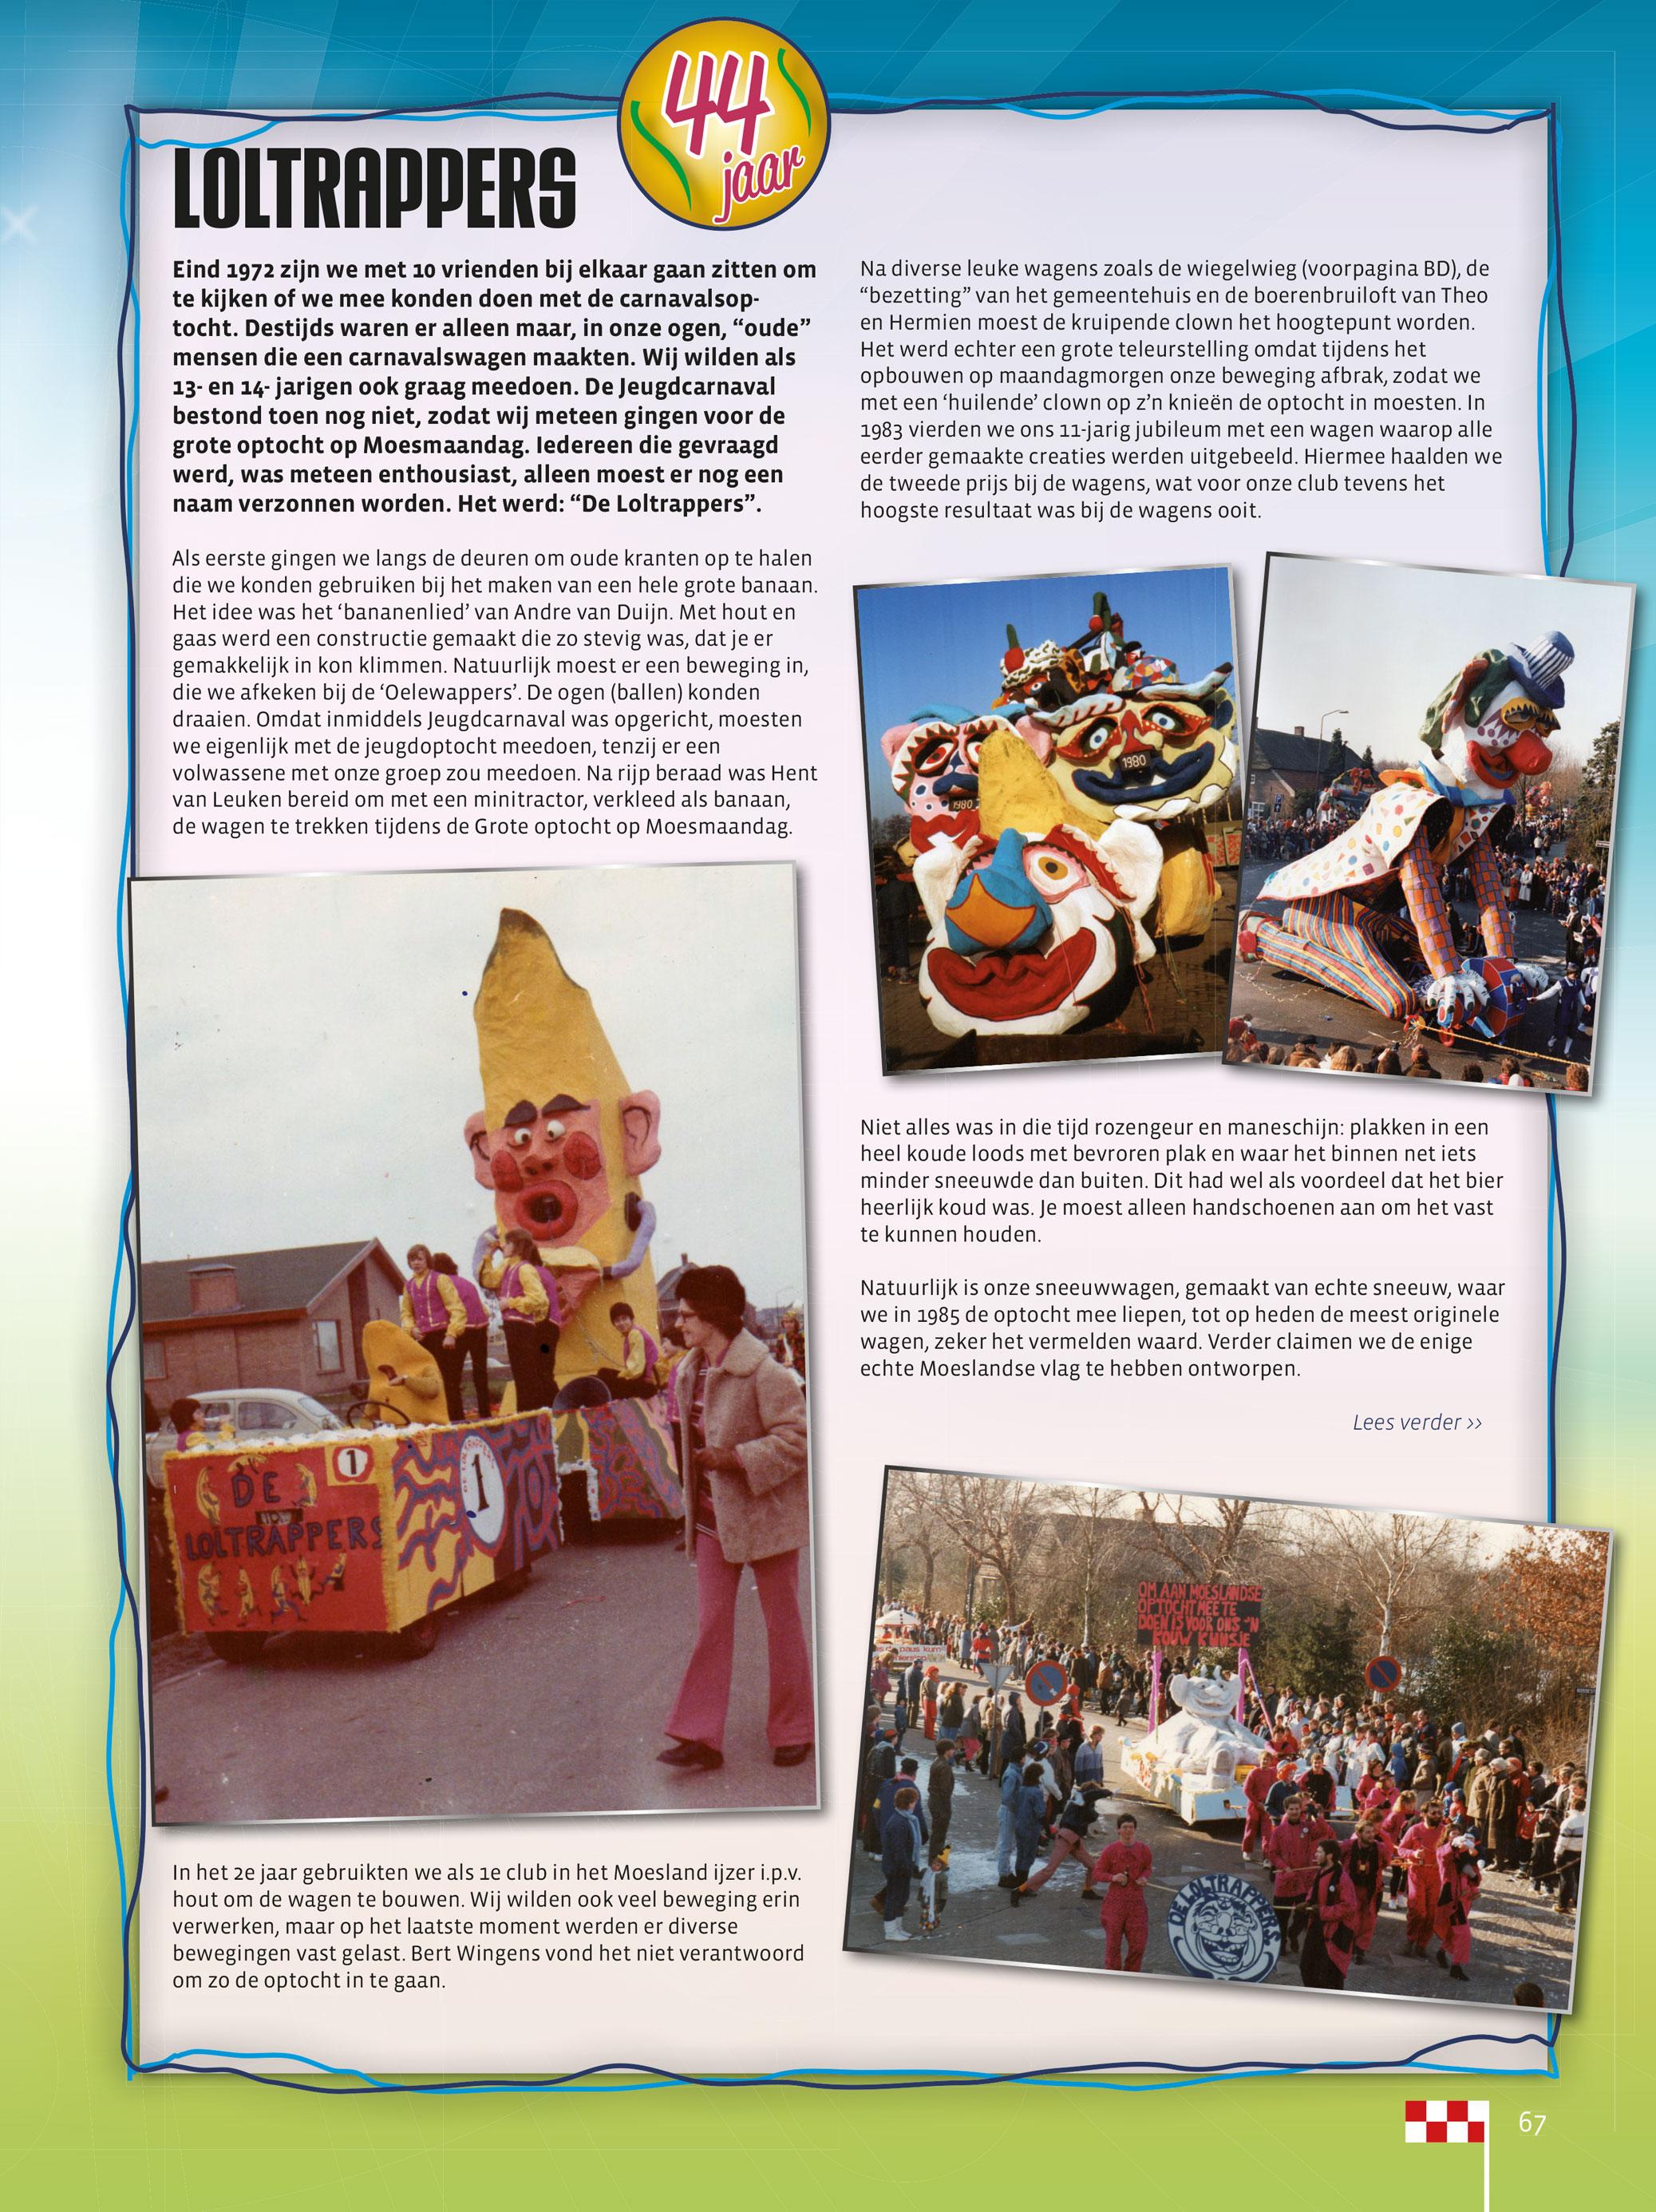 Stukje uit de carnavalskrant van de Loltrappers - 2016